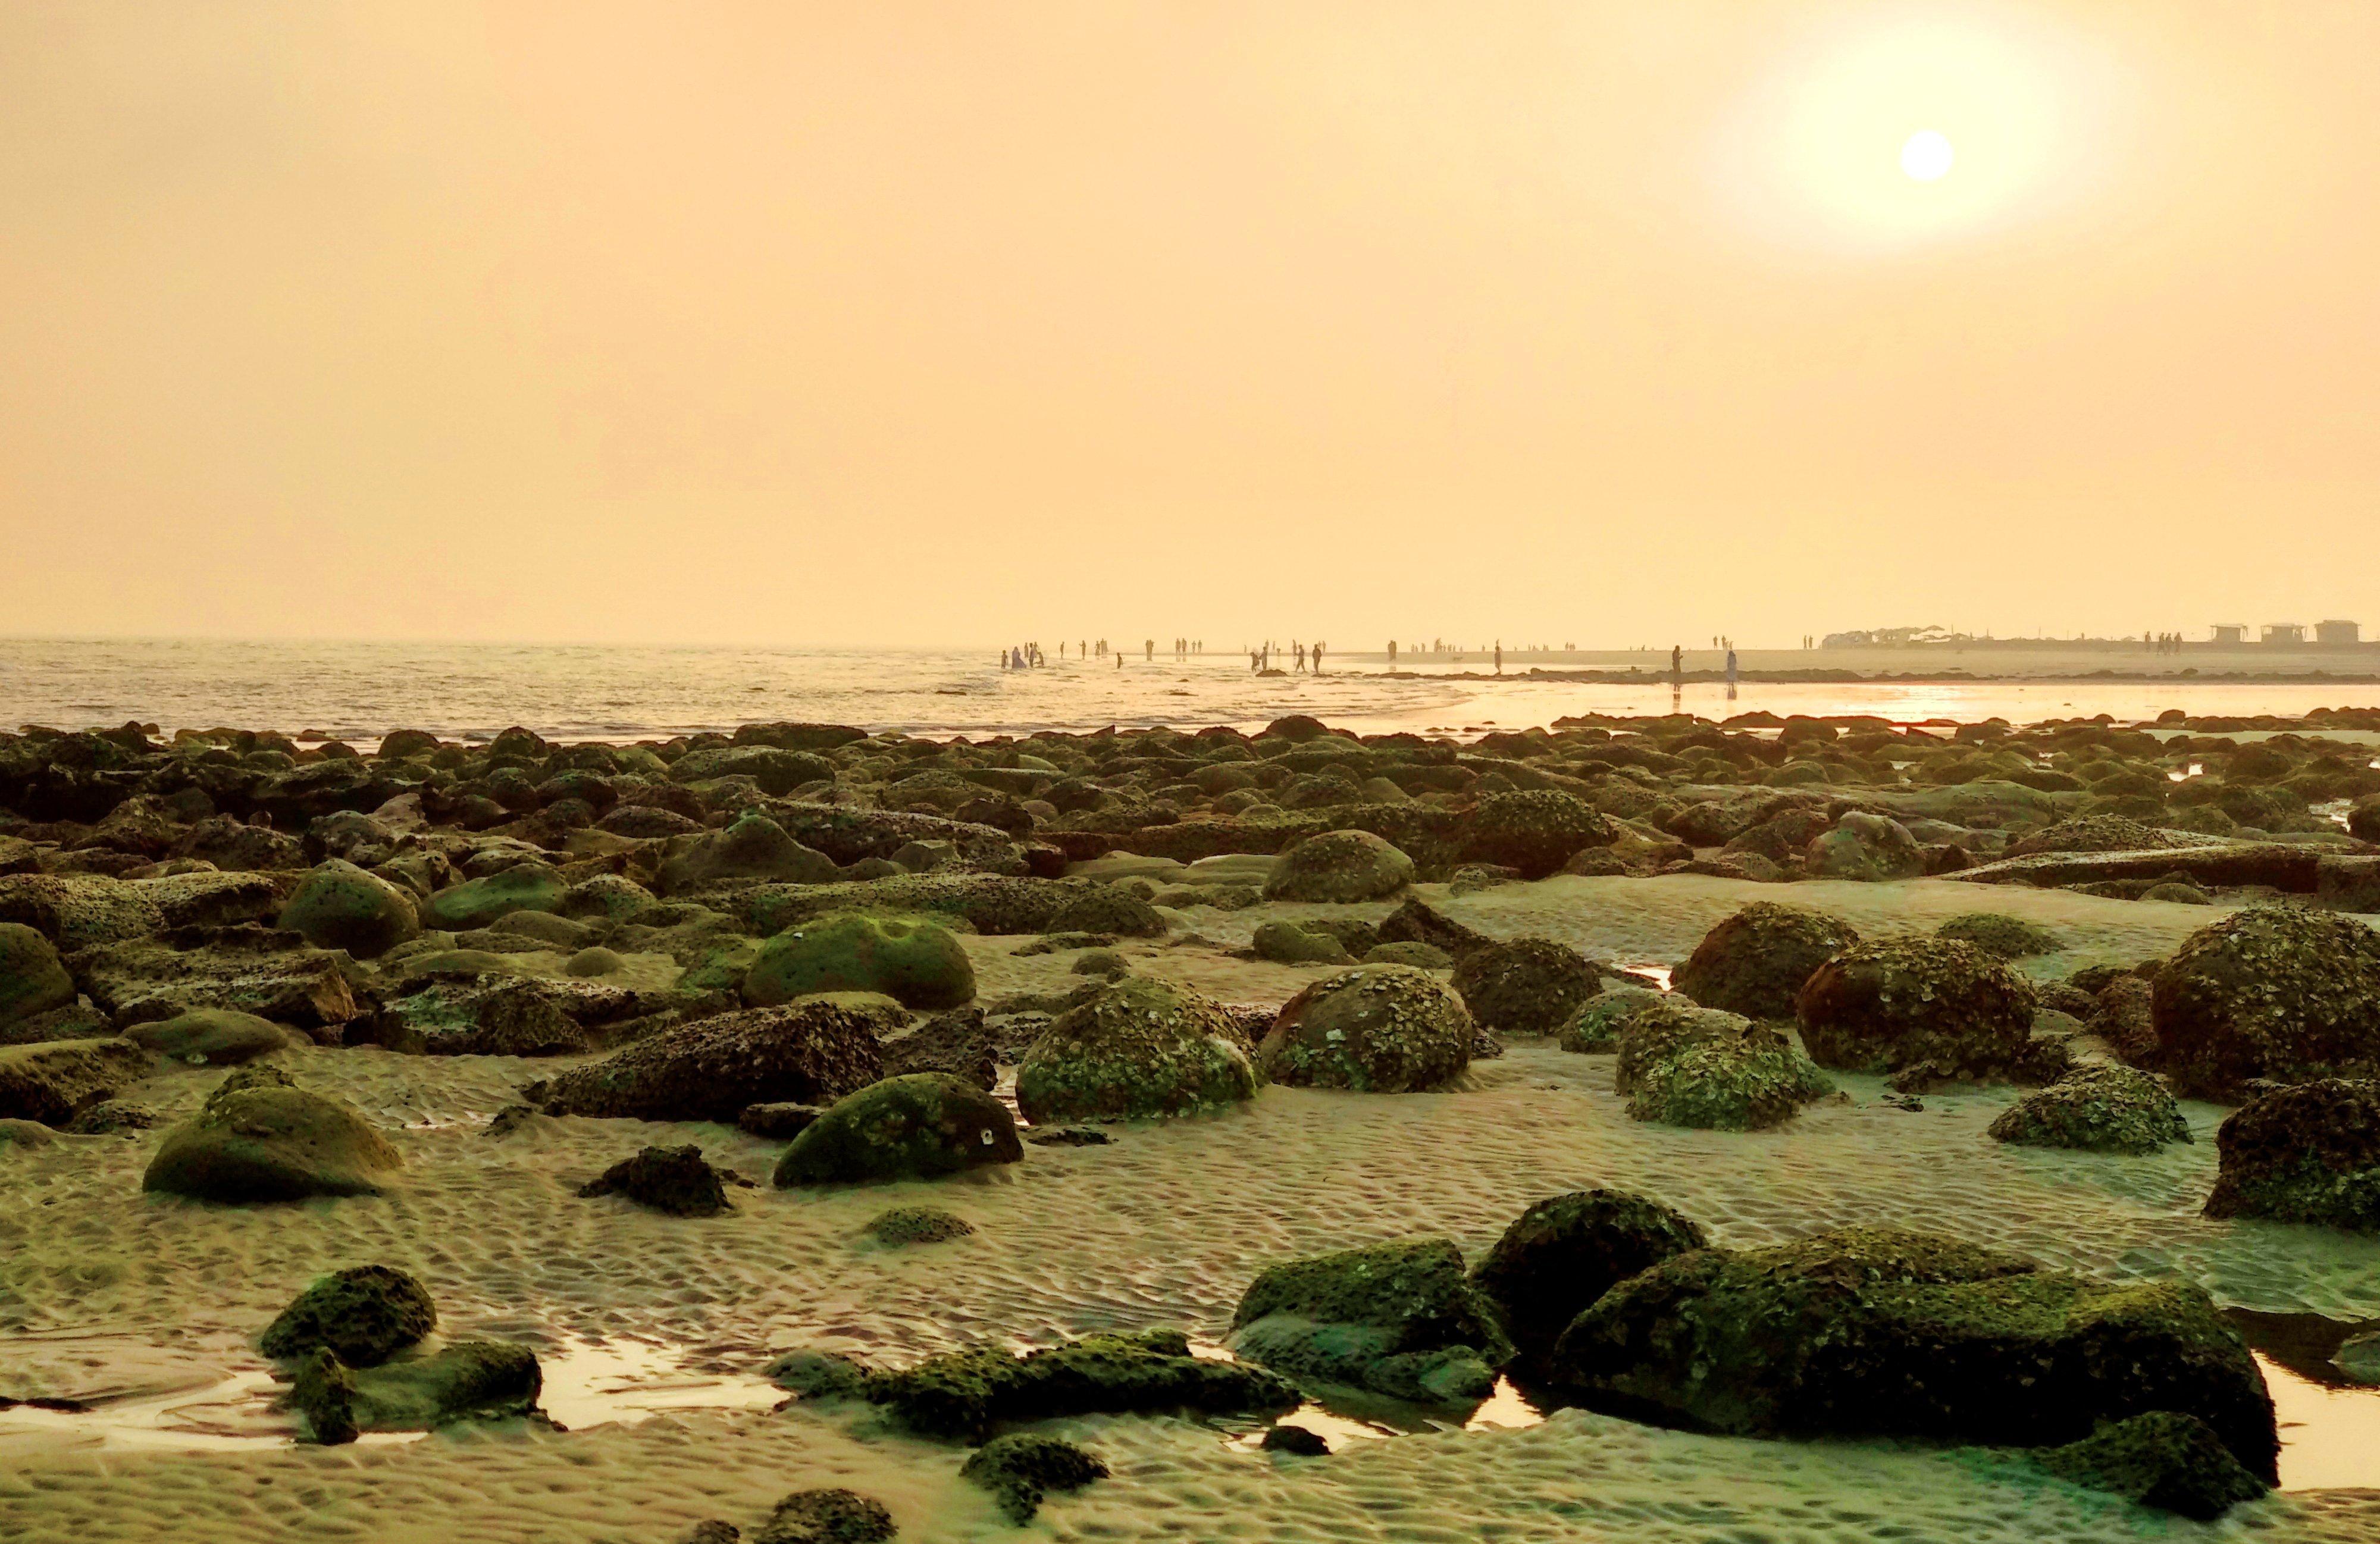 Sunrise on saint martin's sea beach photo